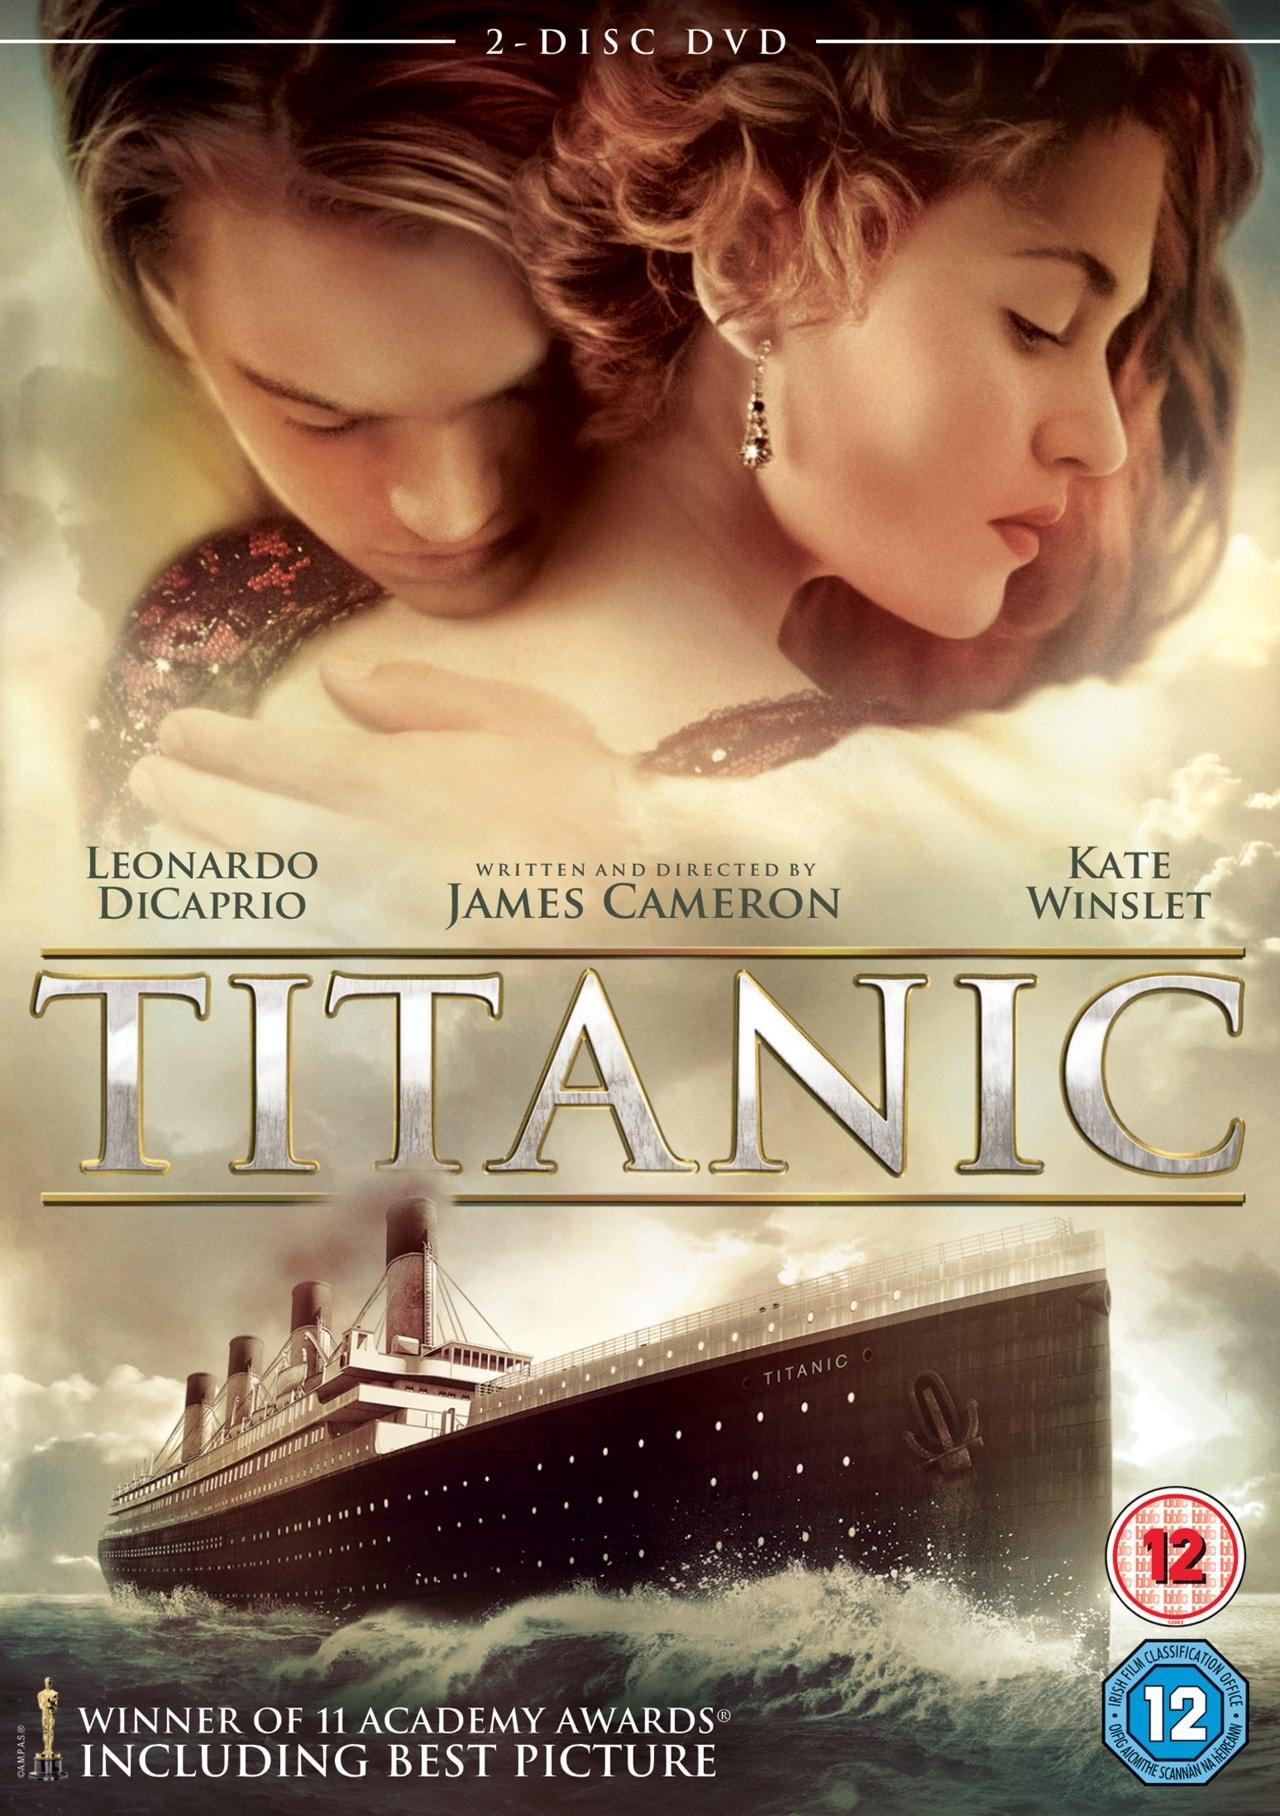 Titanic - 1